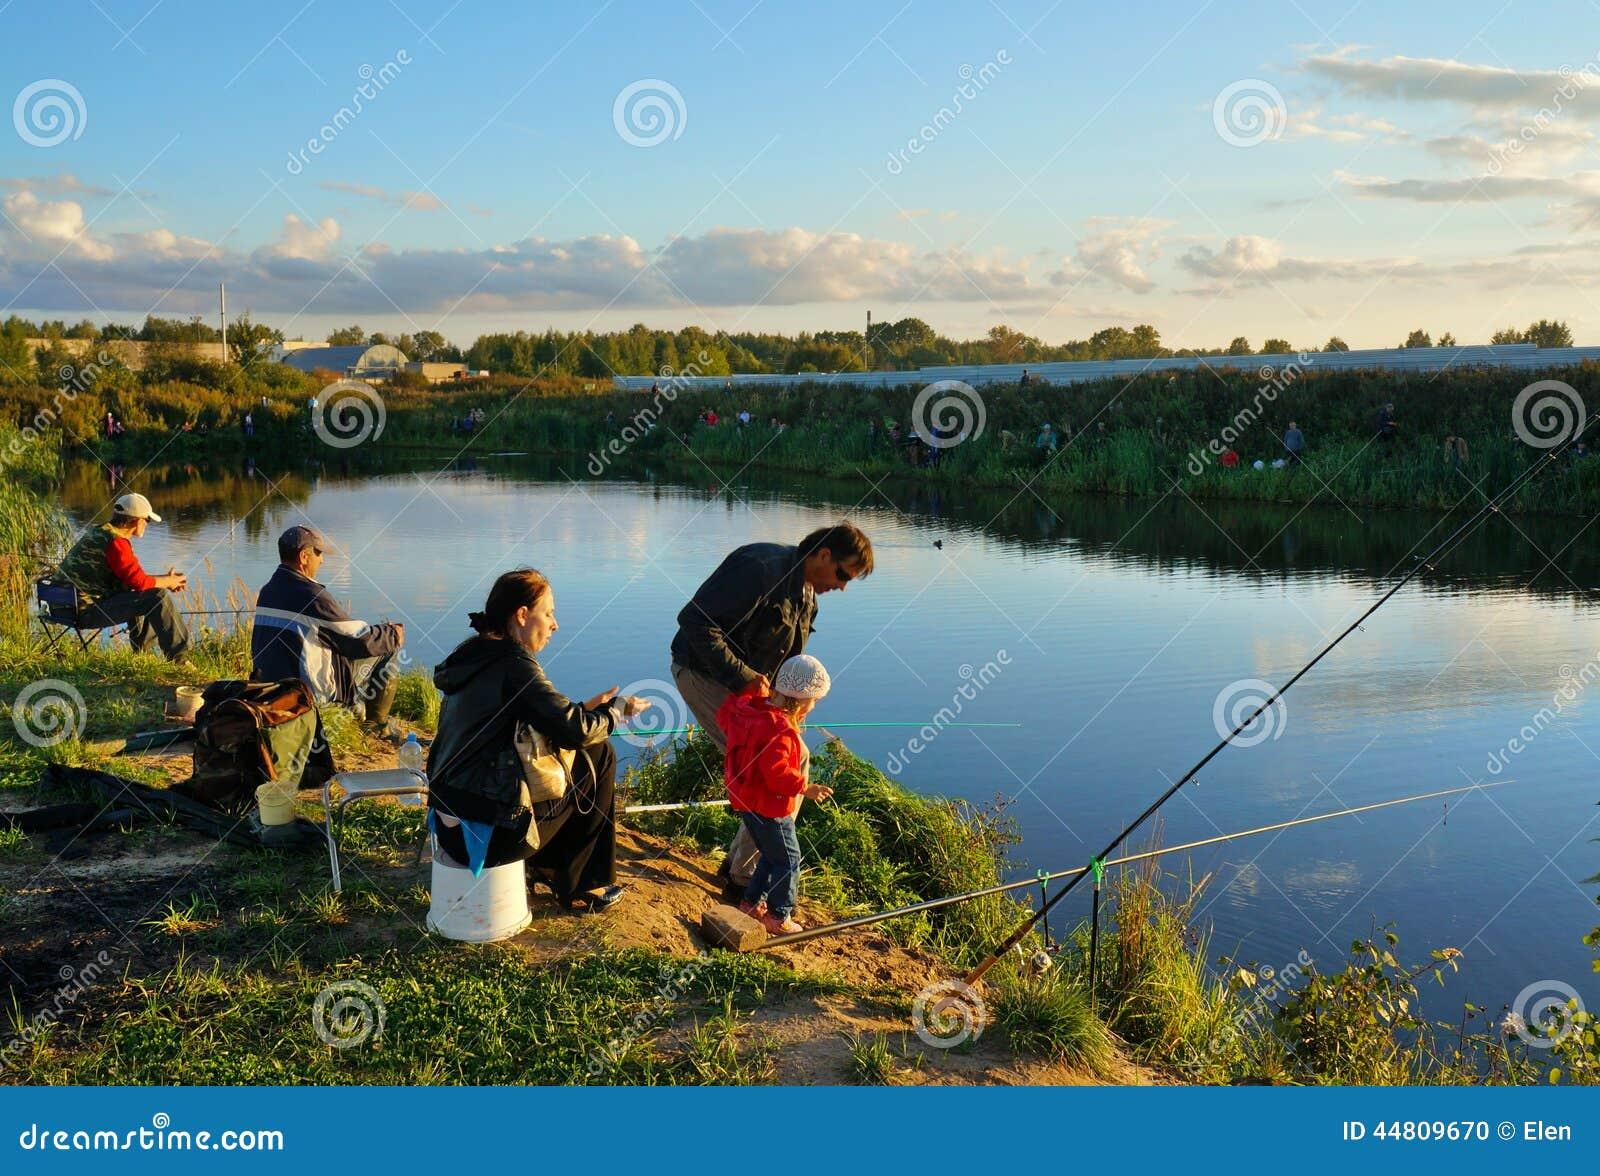 Competencias de deportes en la pesca en la cogida de una carpa y de un esturión, pescadores en el lago